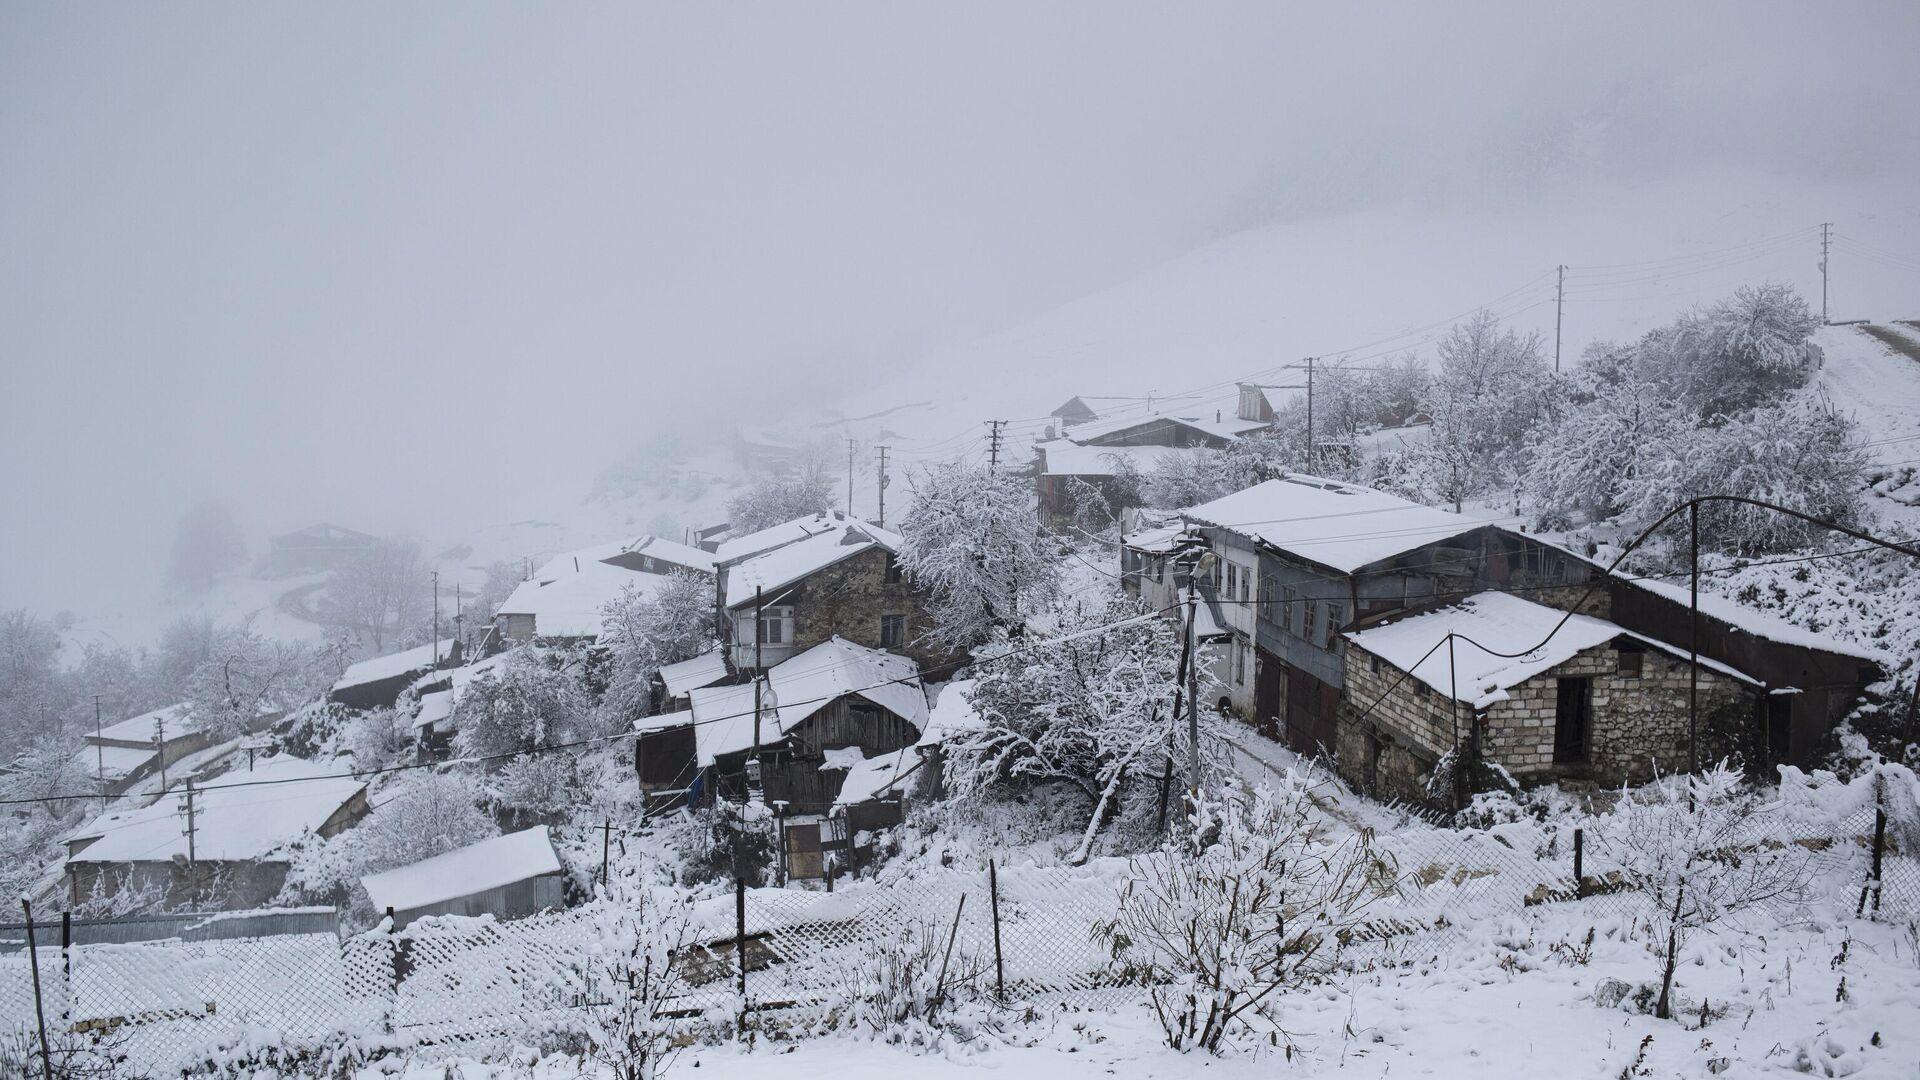 Село Хин Шен в Нагорном Карабахе - РИА Новости, 1920, 12.01.2021